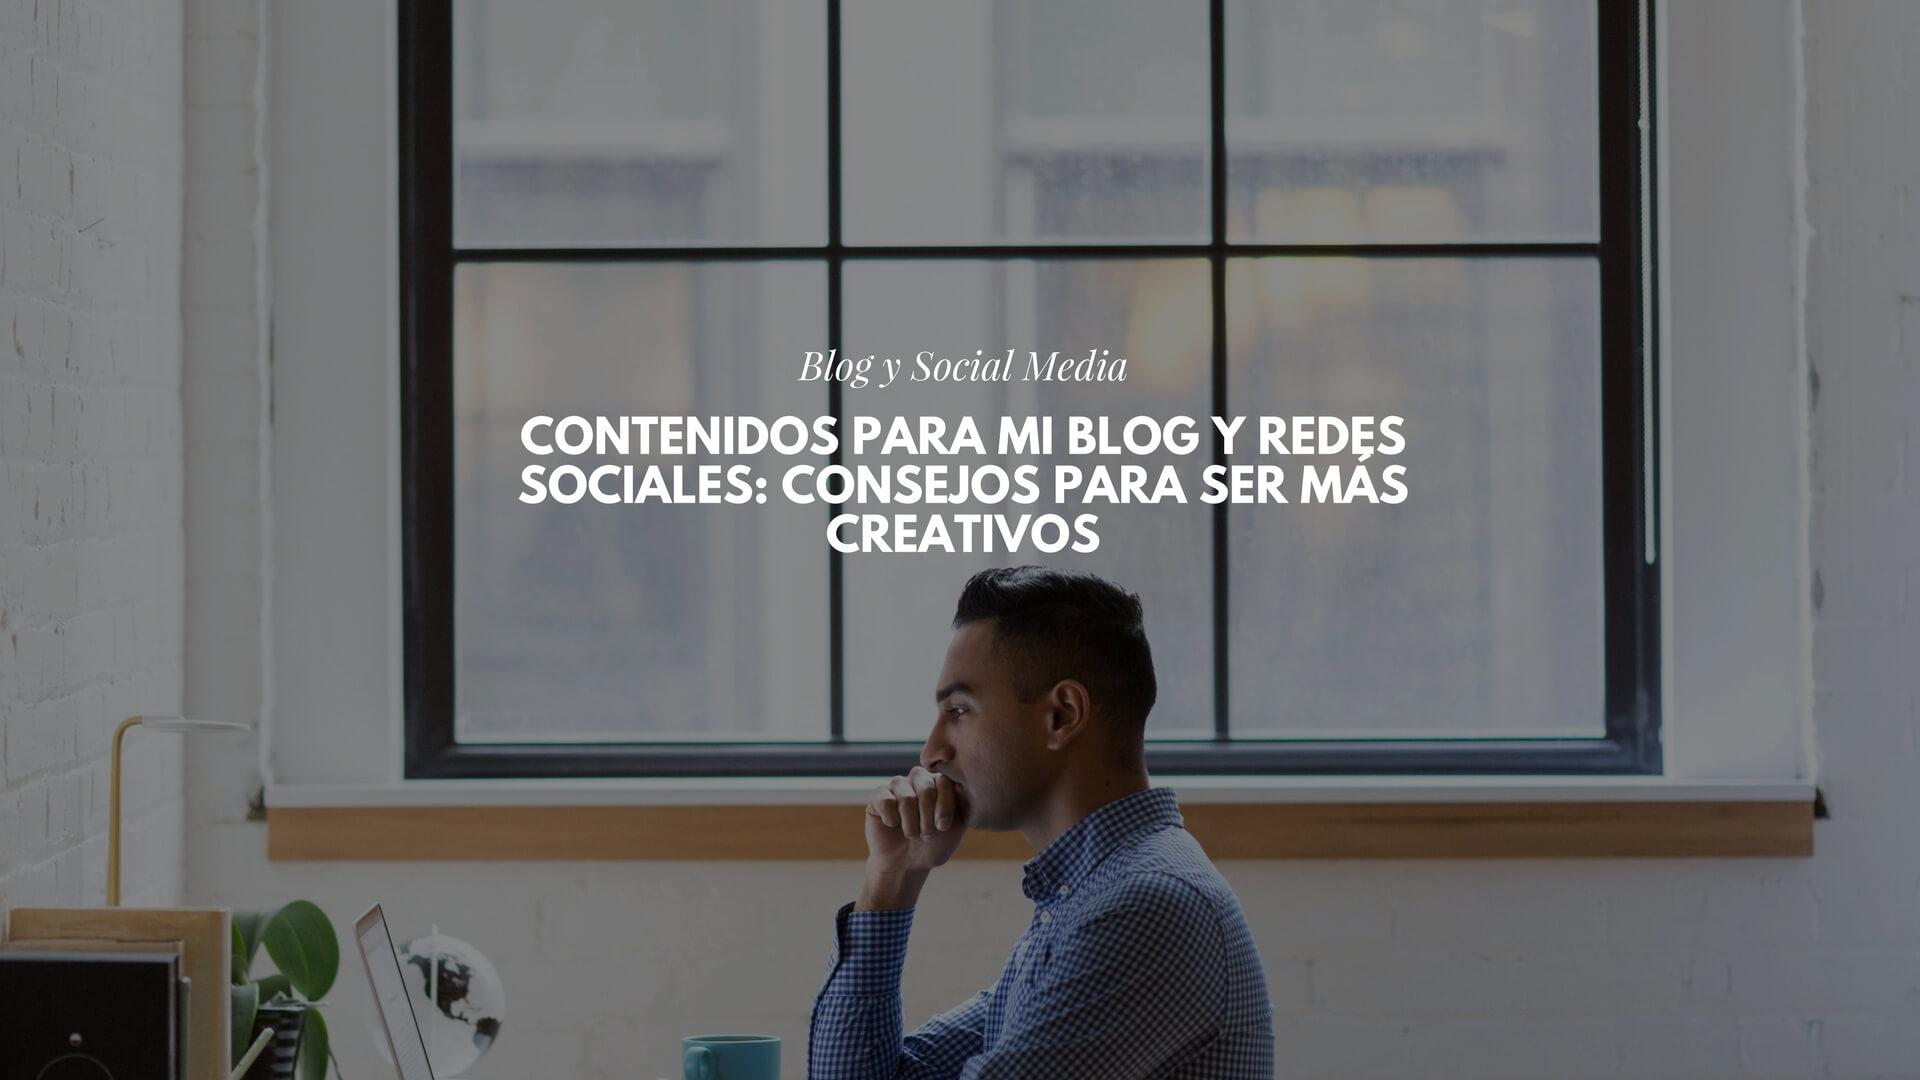 Contenidos para mi blog y redes sociales: consejos para ser más creativos